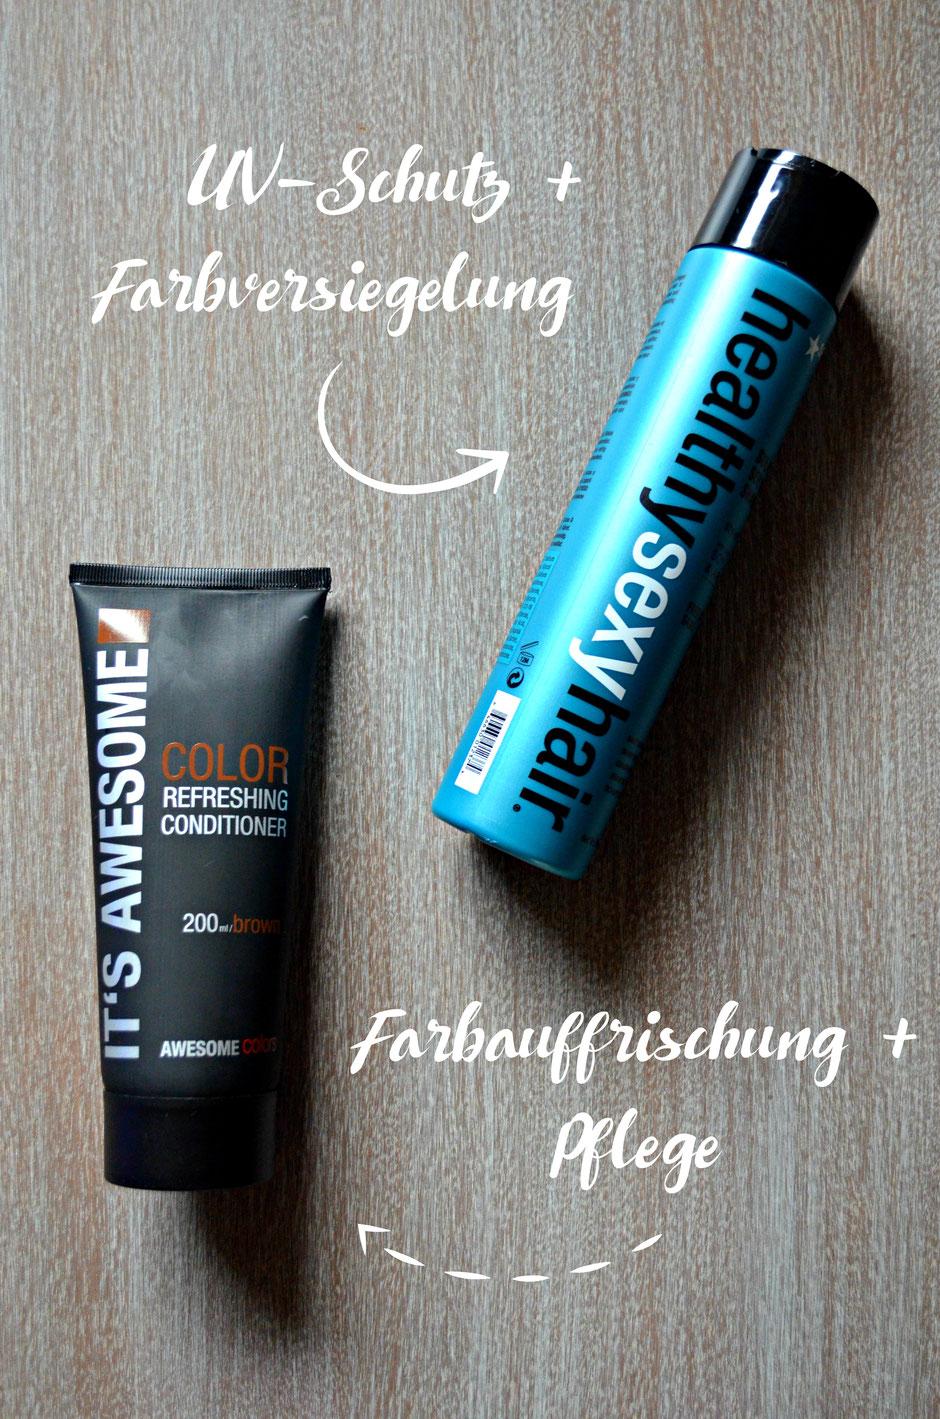 Gegen erste graue Haare: Farbauffrischendende Spülung